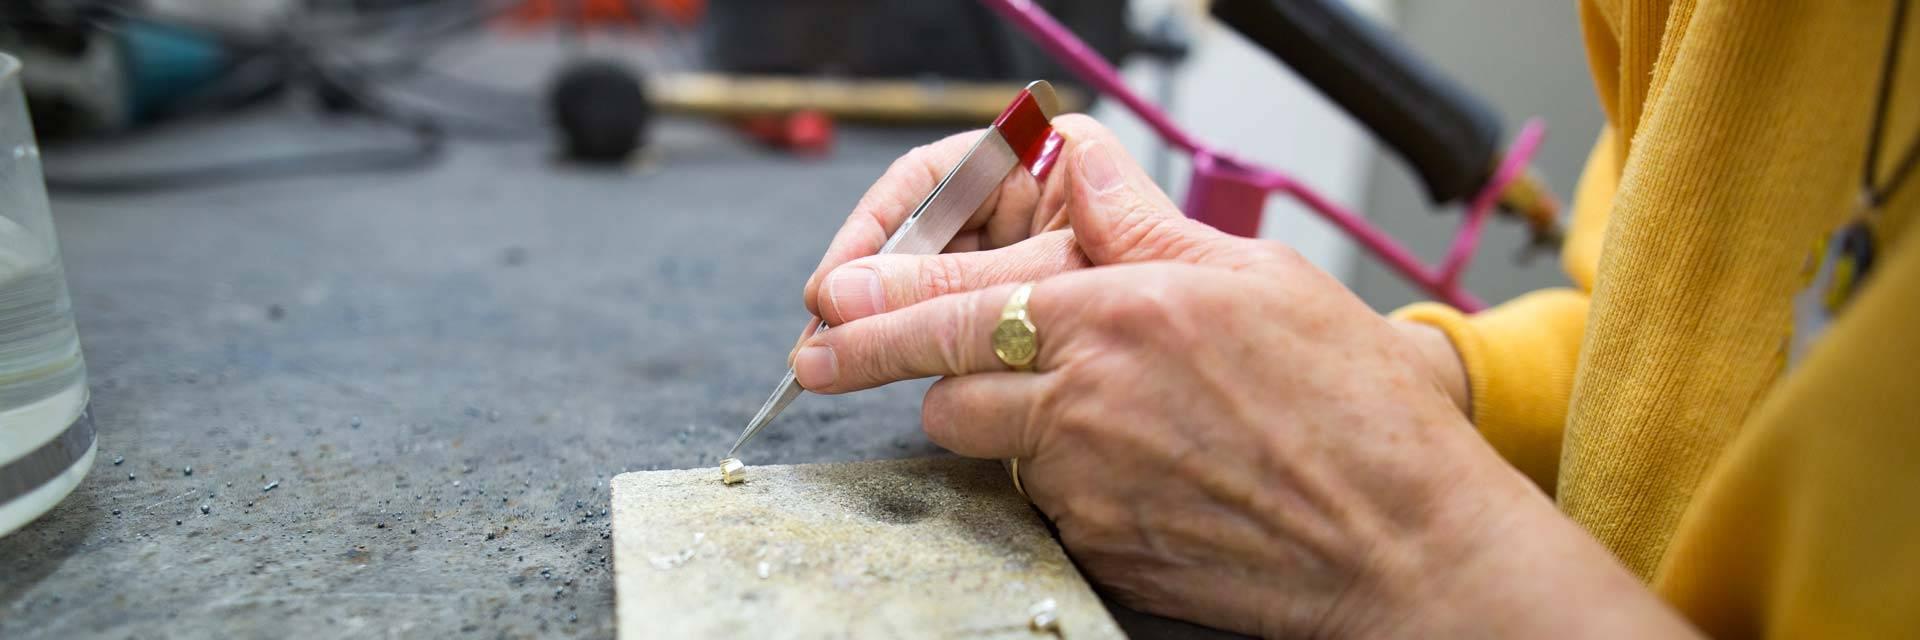 Nainen valmistaa korua Valkeakoskiopiston korunvalmistuskurssilla